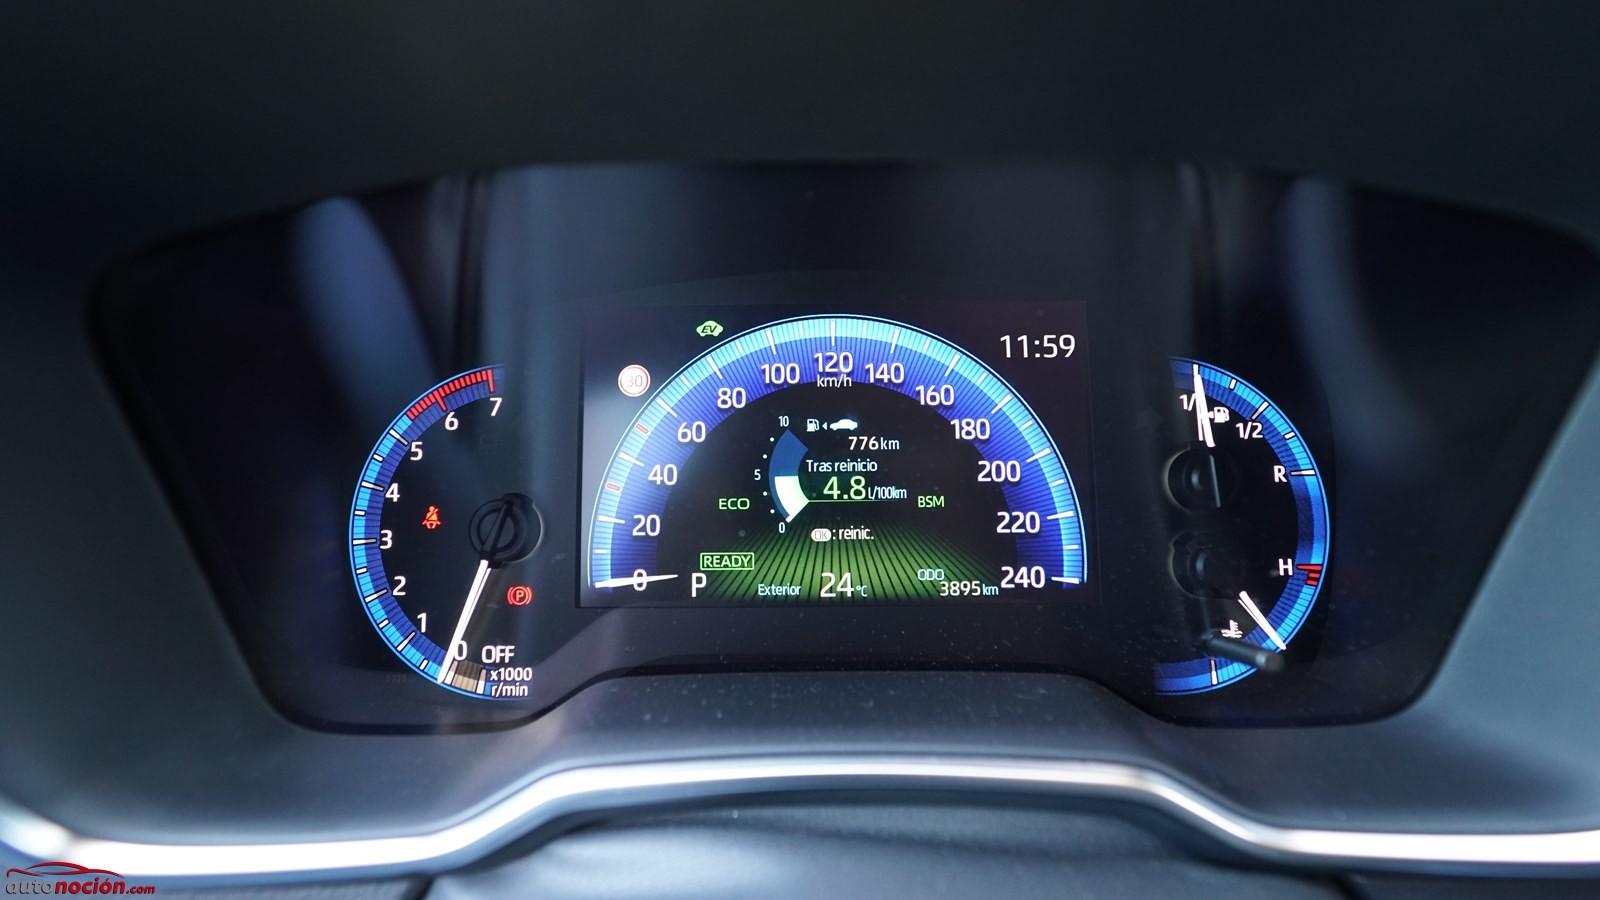 Prueba Toyota Corolla Sedan Instrumentacion Consumo